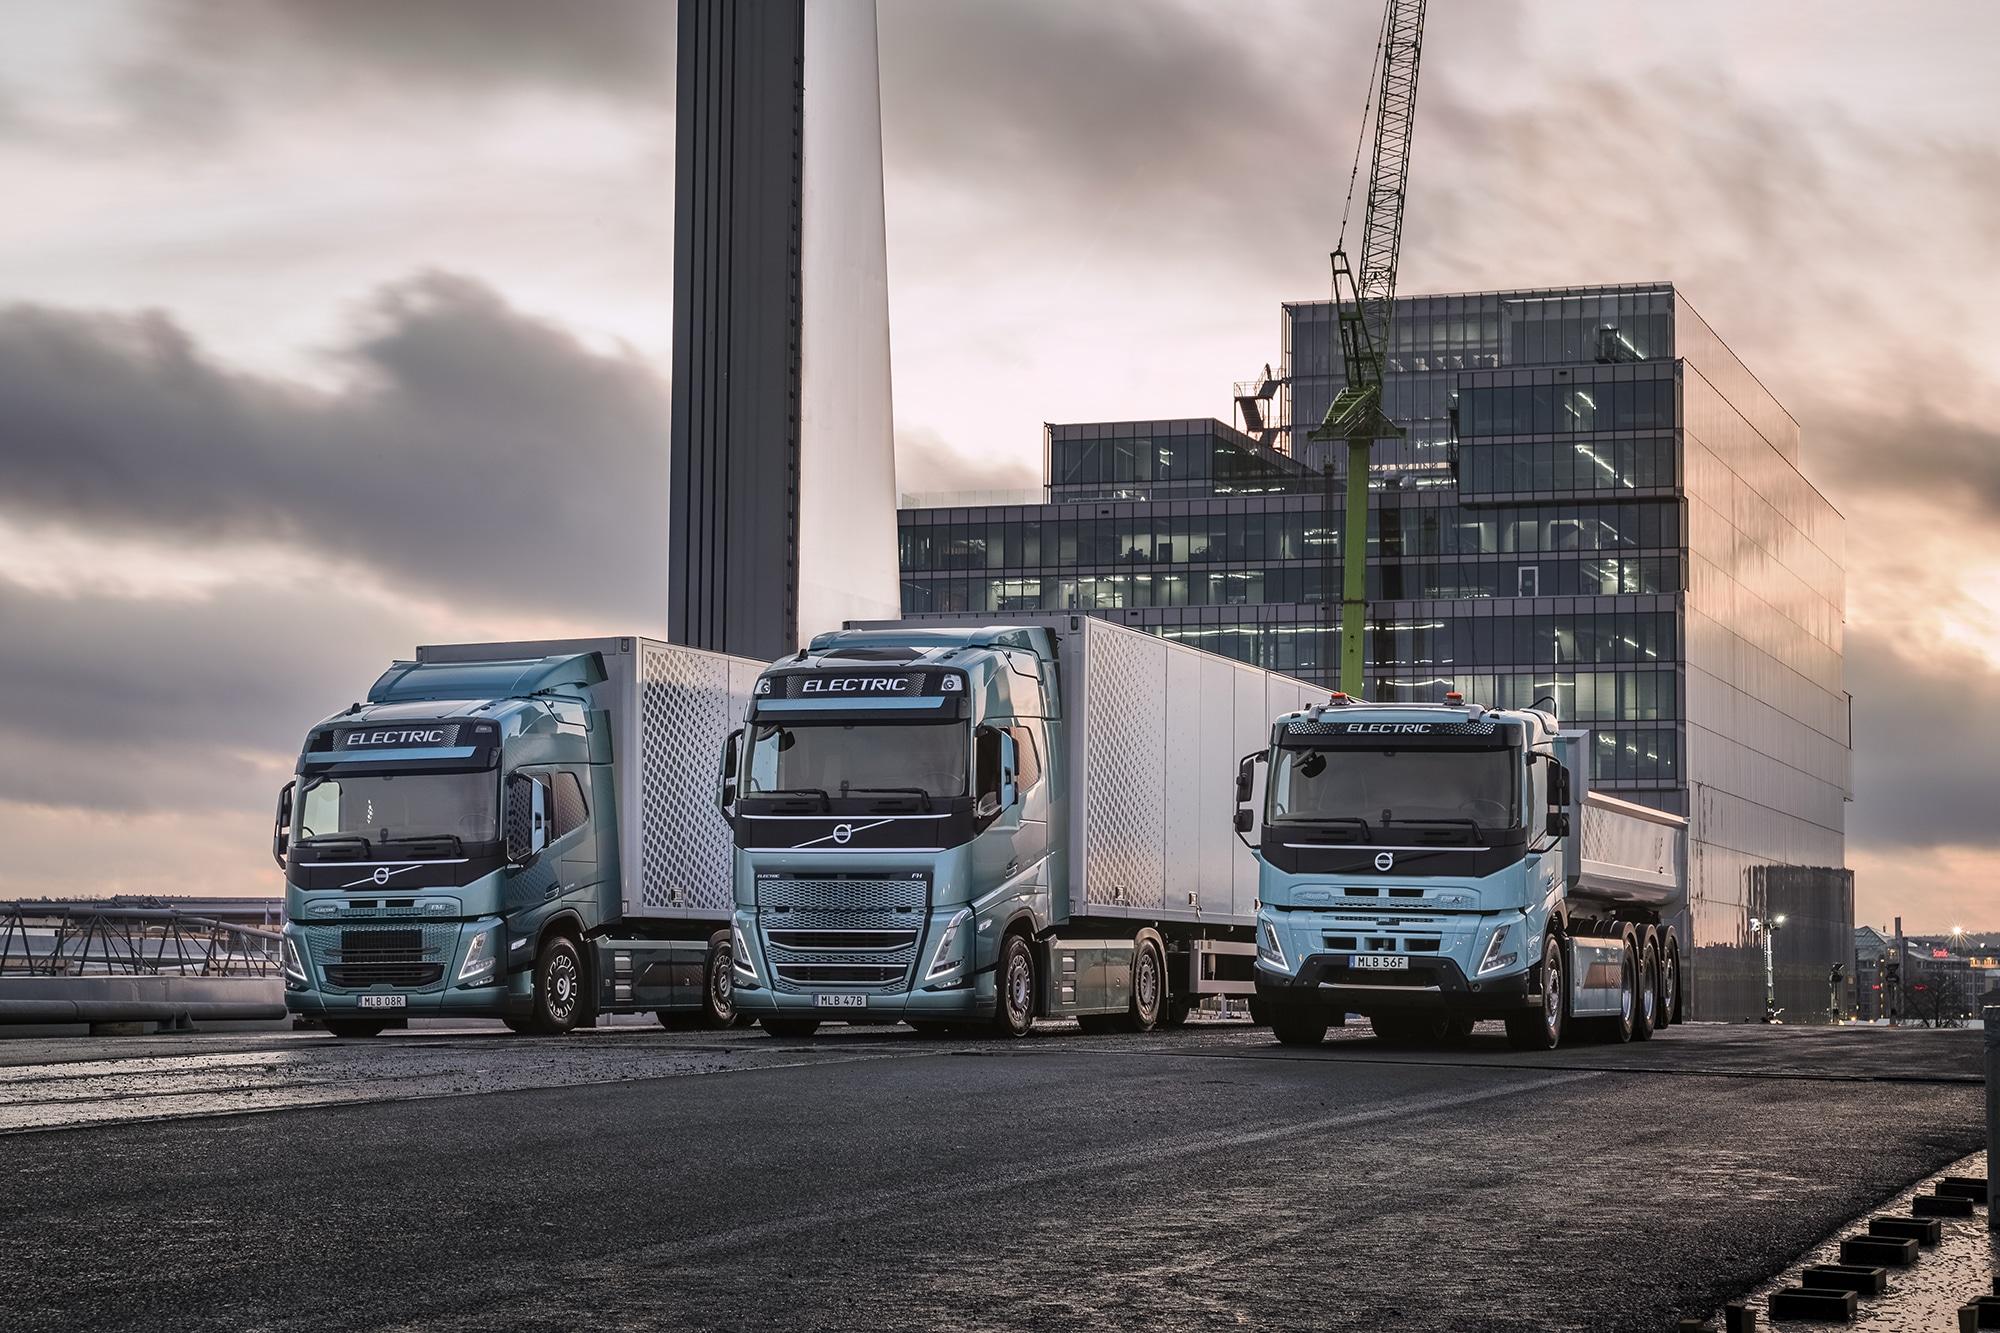 Volvo Trucks nå klar til å elektrifisere en stor del av varetransporten